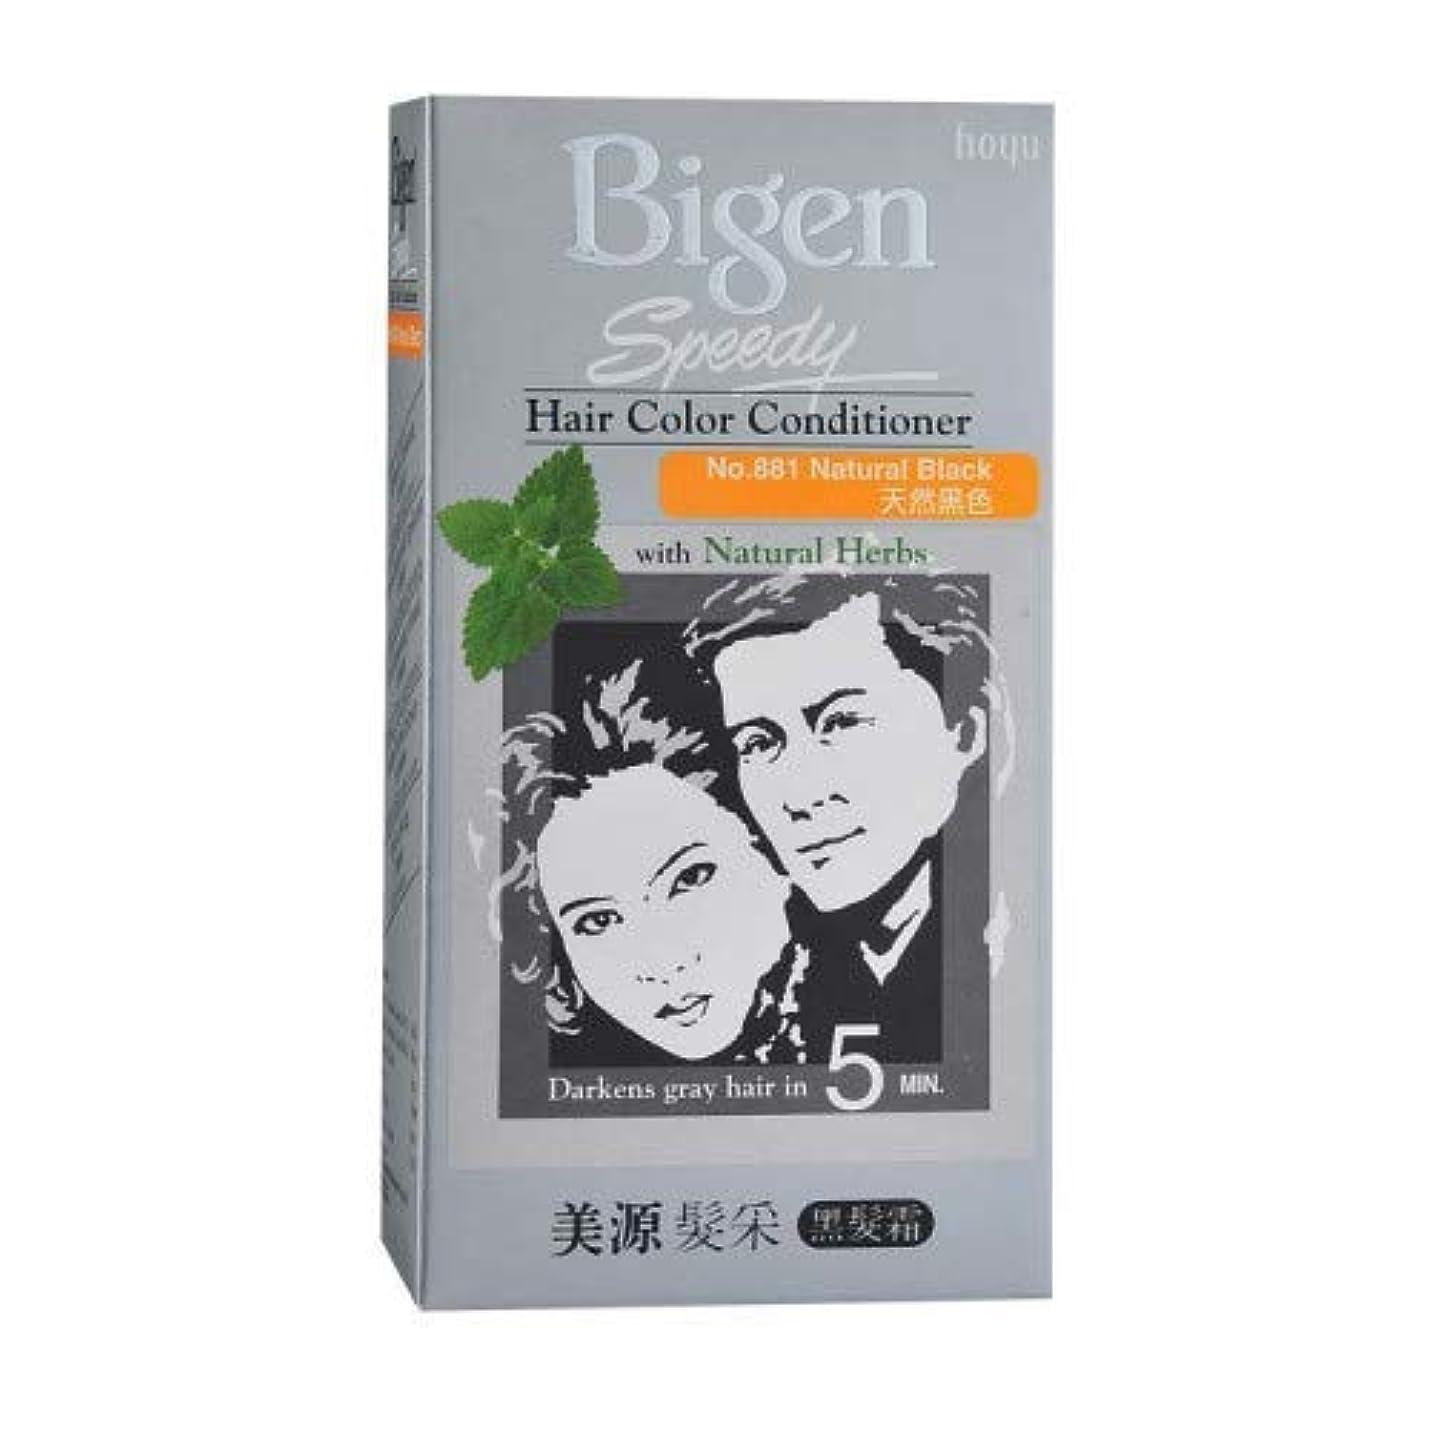 恋人心配顕著BIGEN 高速髪の色自然な黒い髪のケアと天然ハーブ1